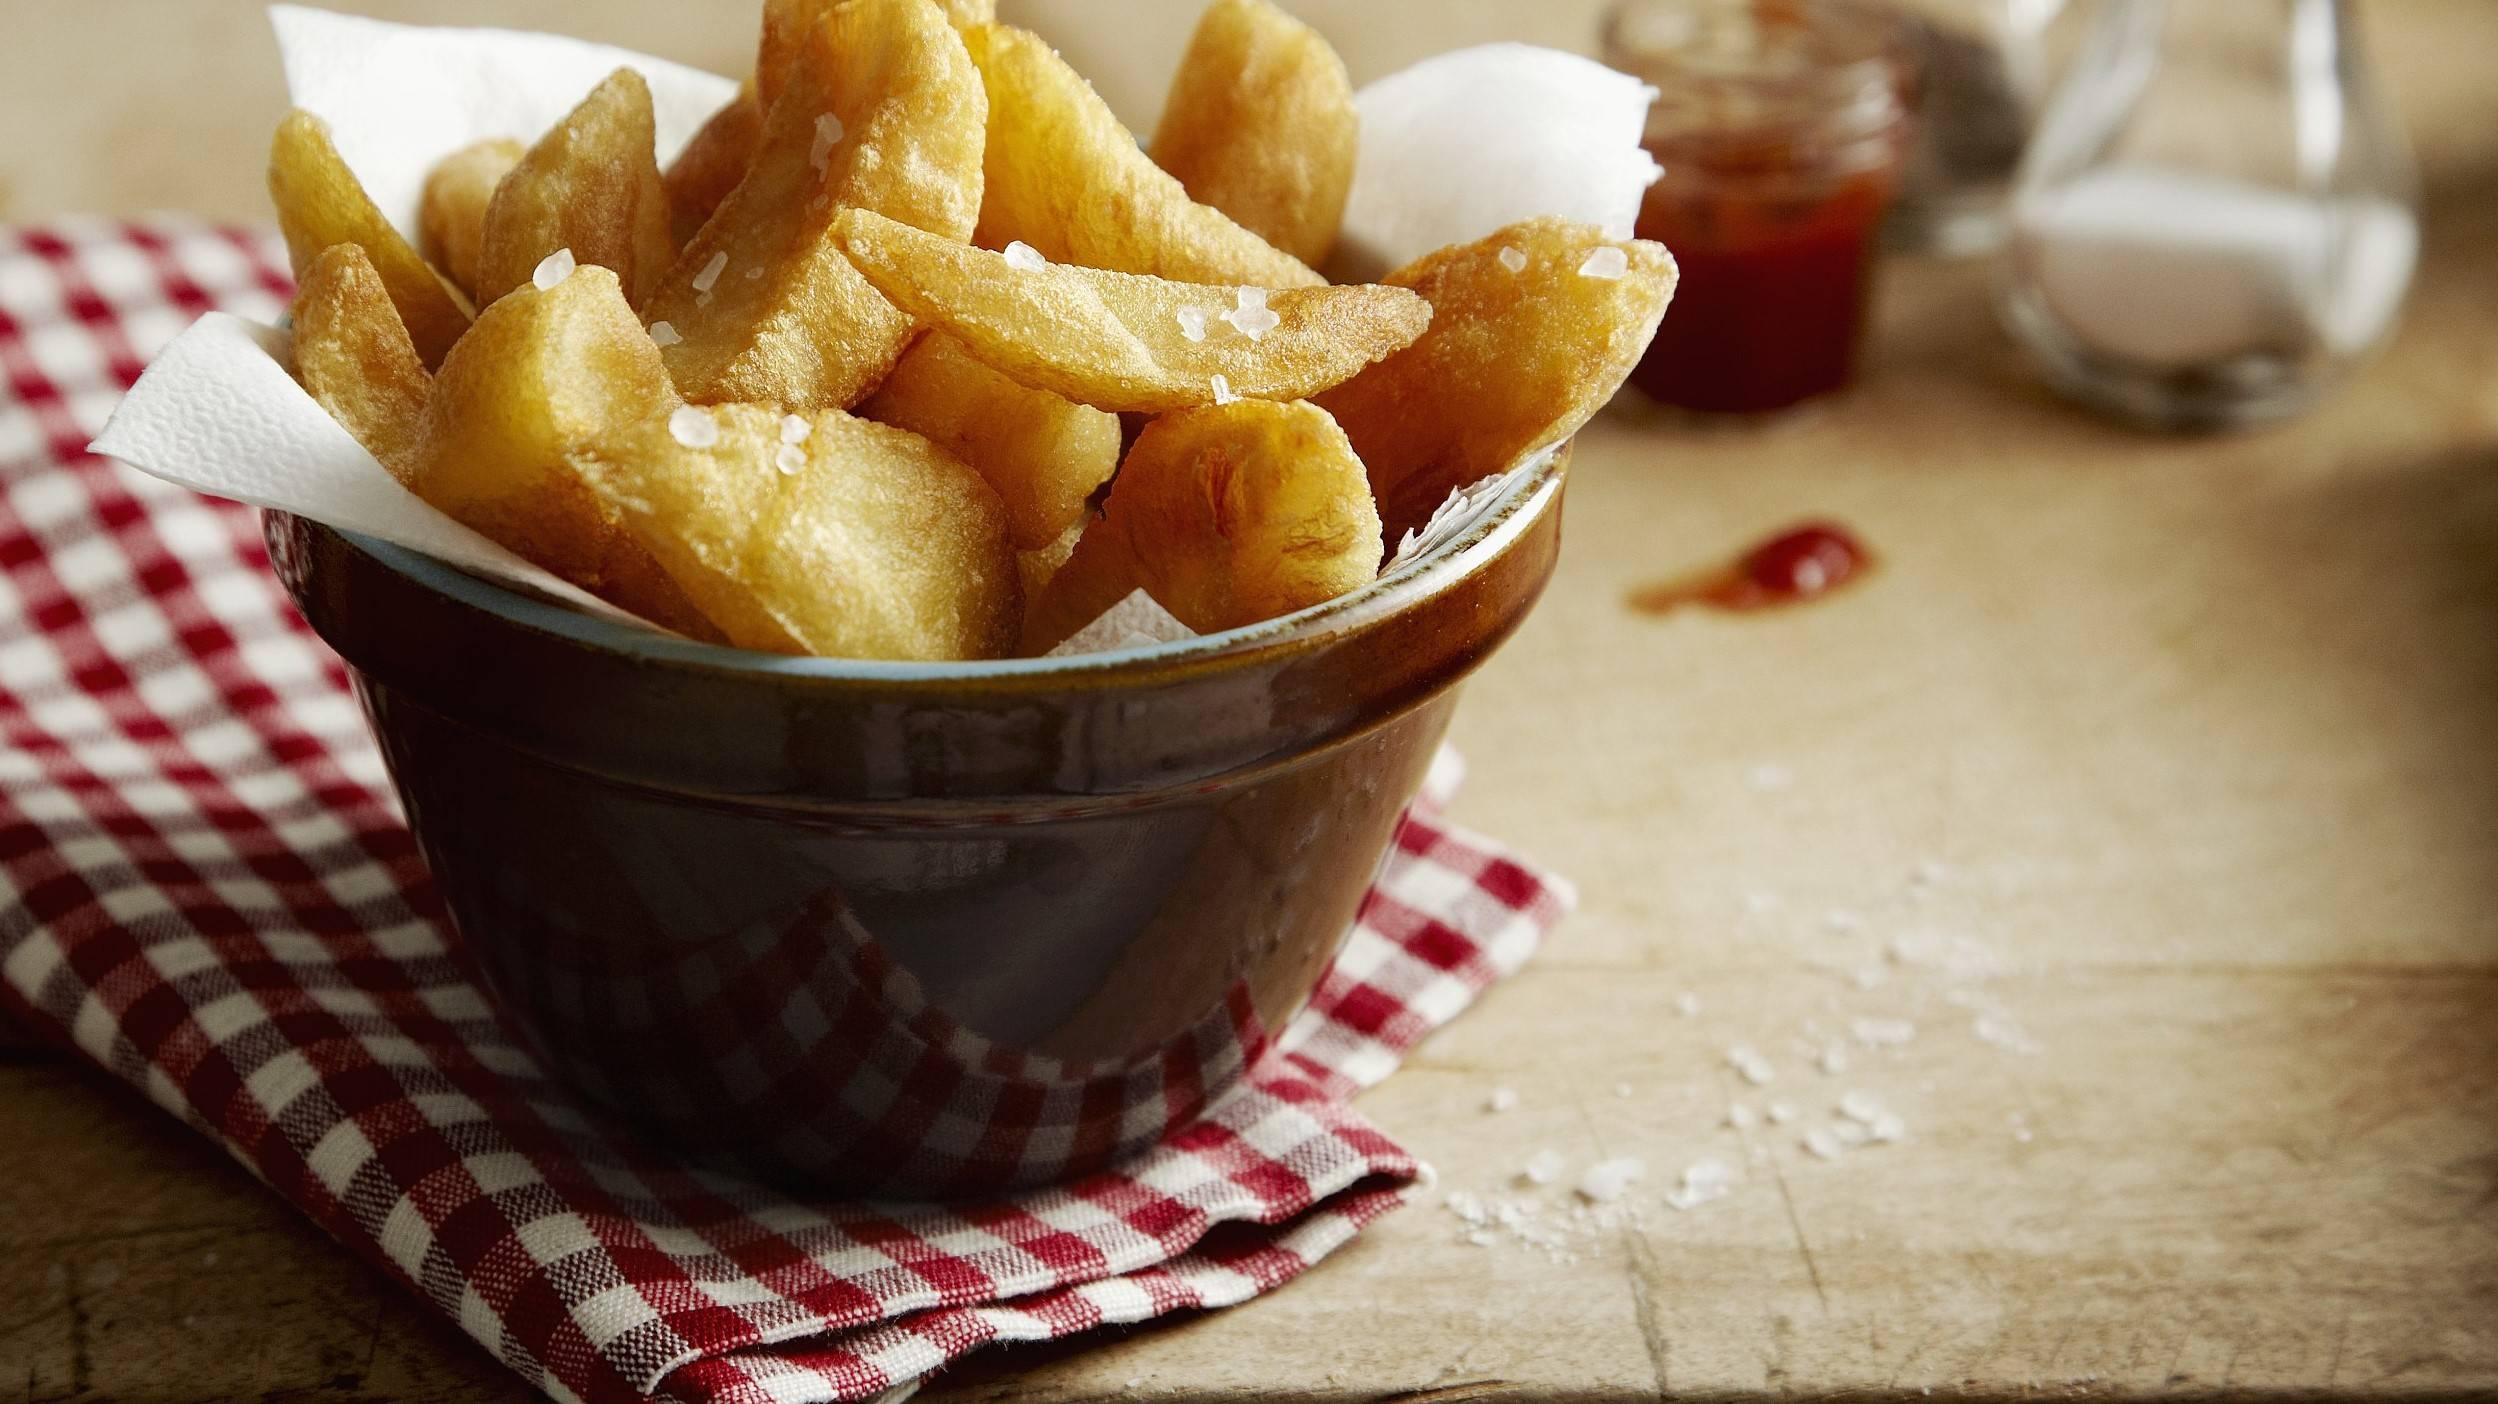 低盐零食,为什么不如低糖受欢迎?